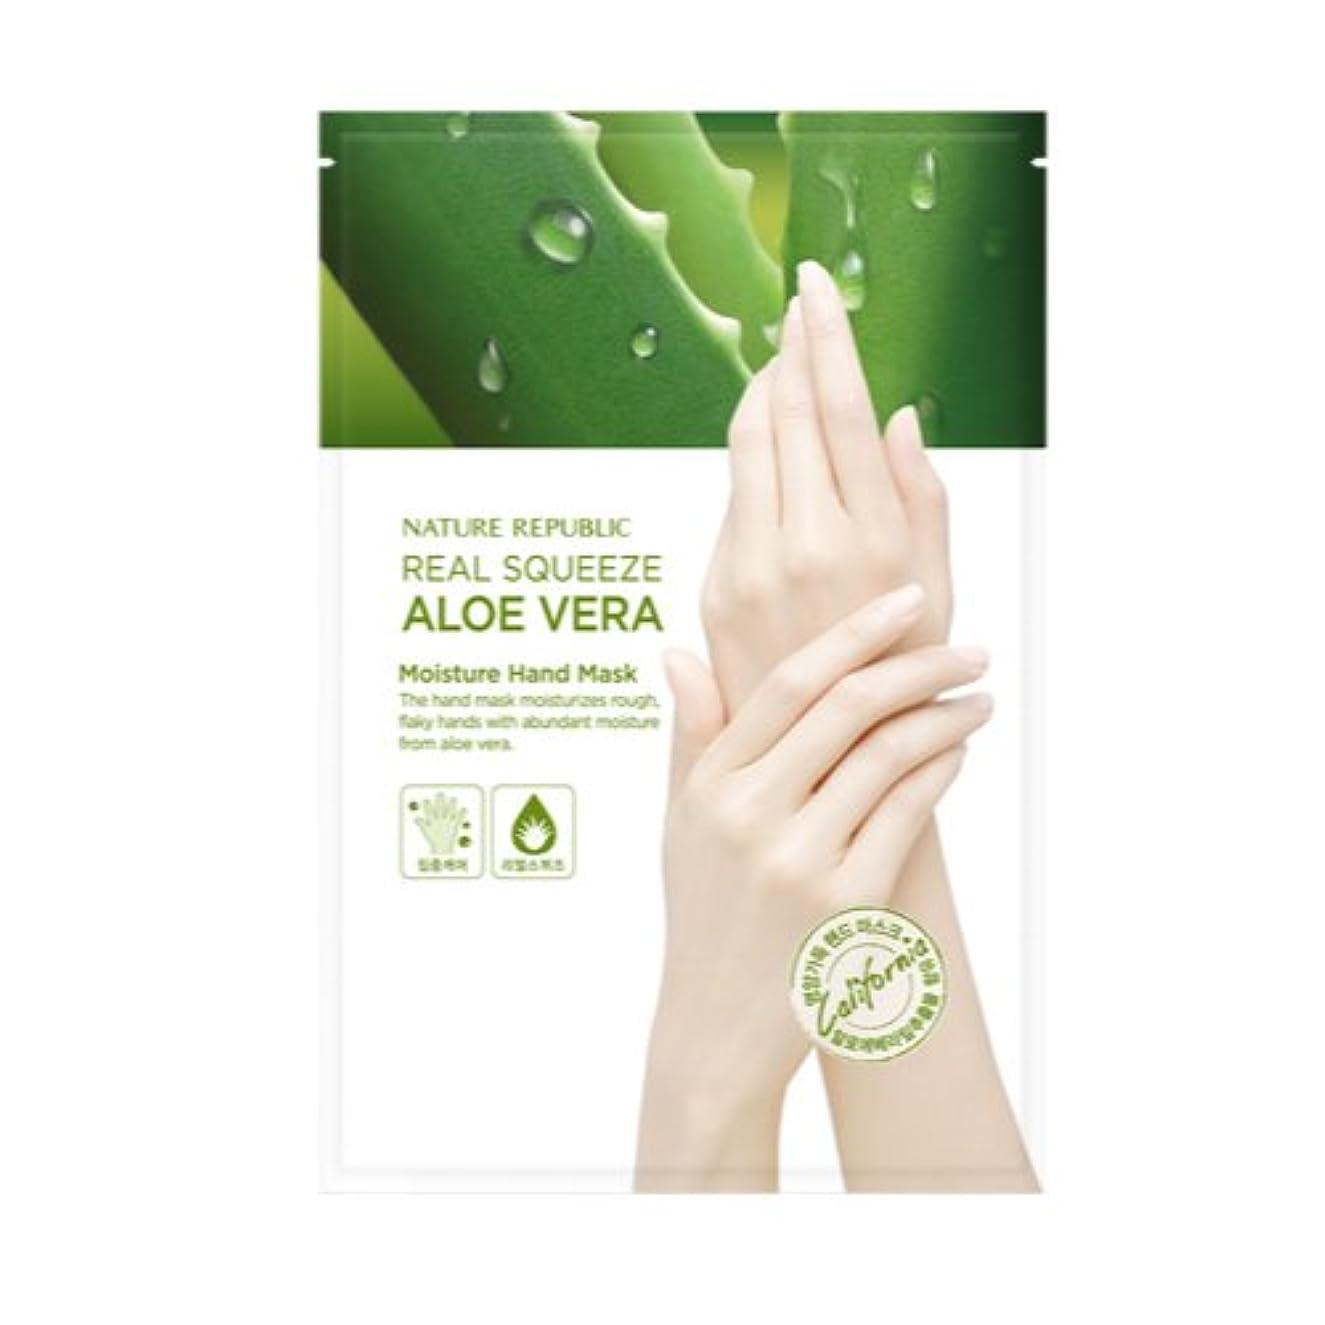 アーチ入札破産[ネイチャーリパブリック] Nature republicリアルスクイズアロエベラモイスチャーハンドマスク(2枚入1回分)海外直送品(Real Squeeze Aloe Vera Moisture Hand Mask)...